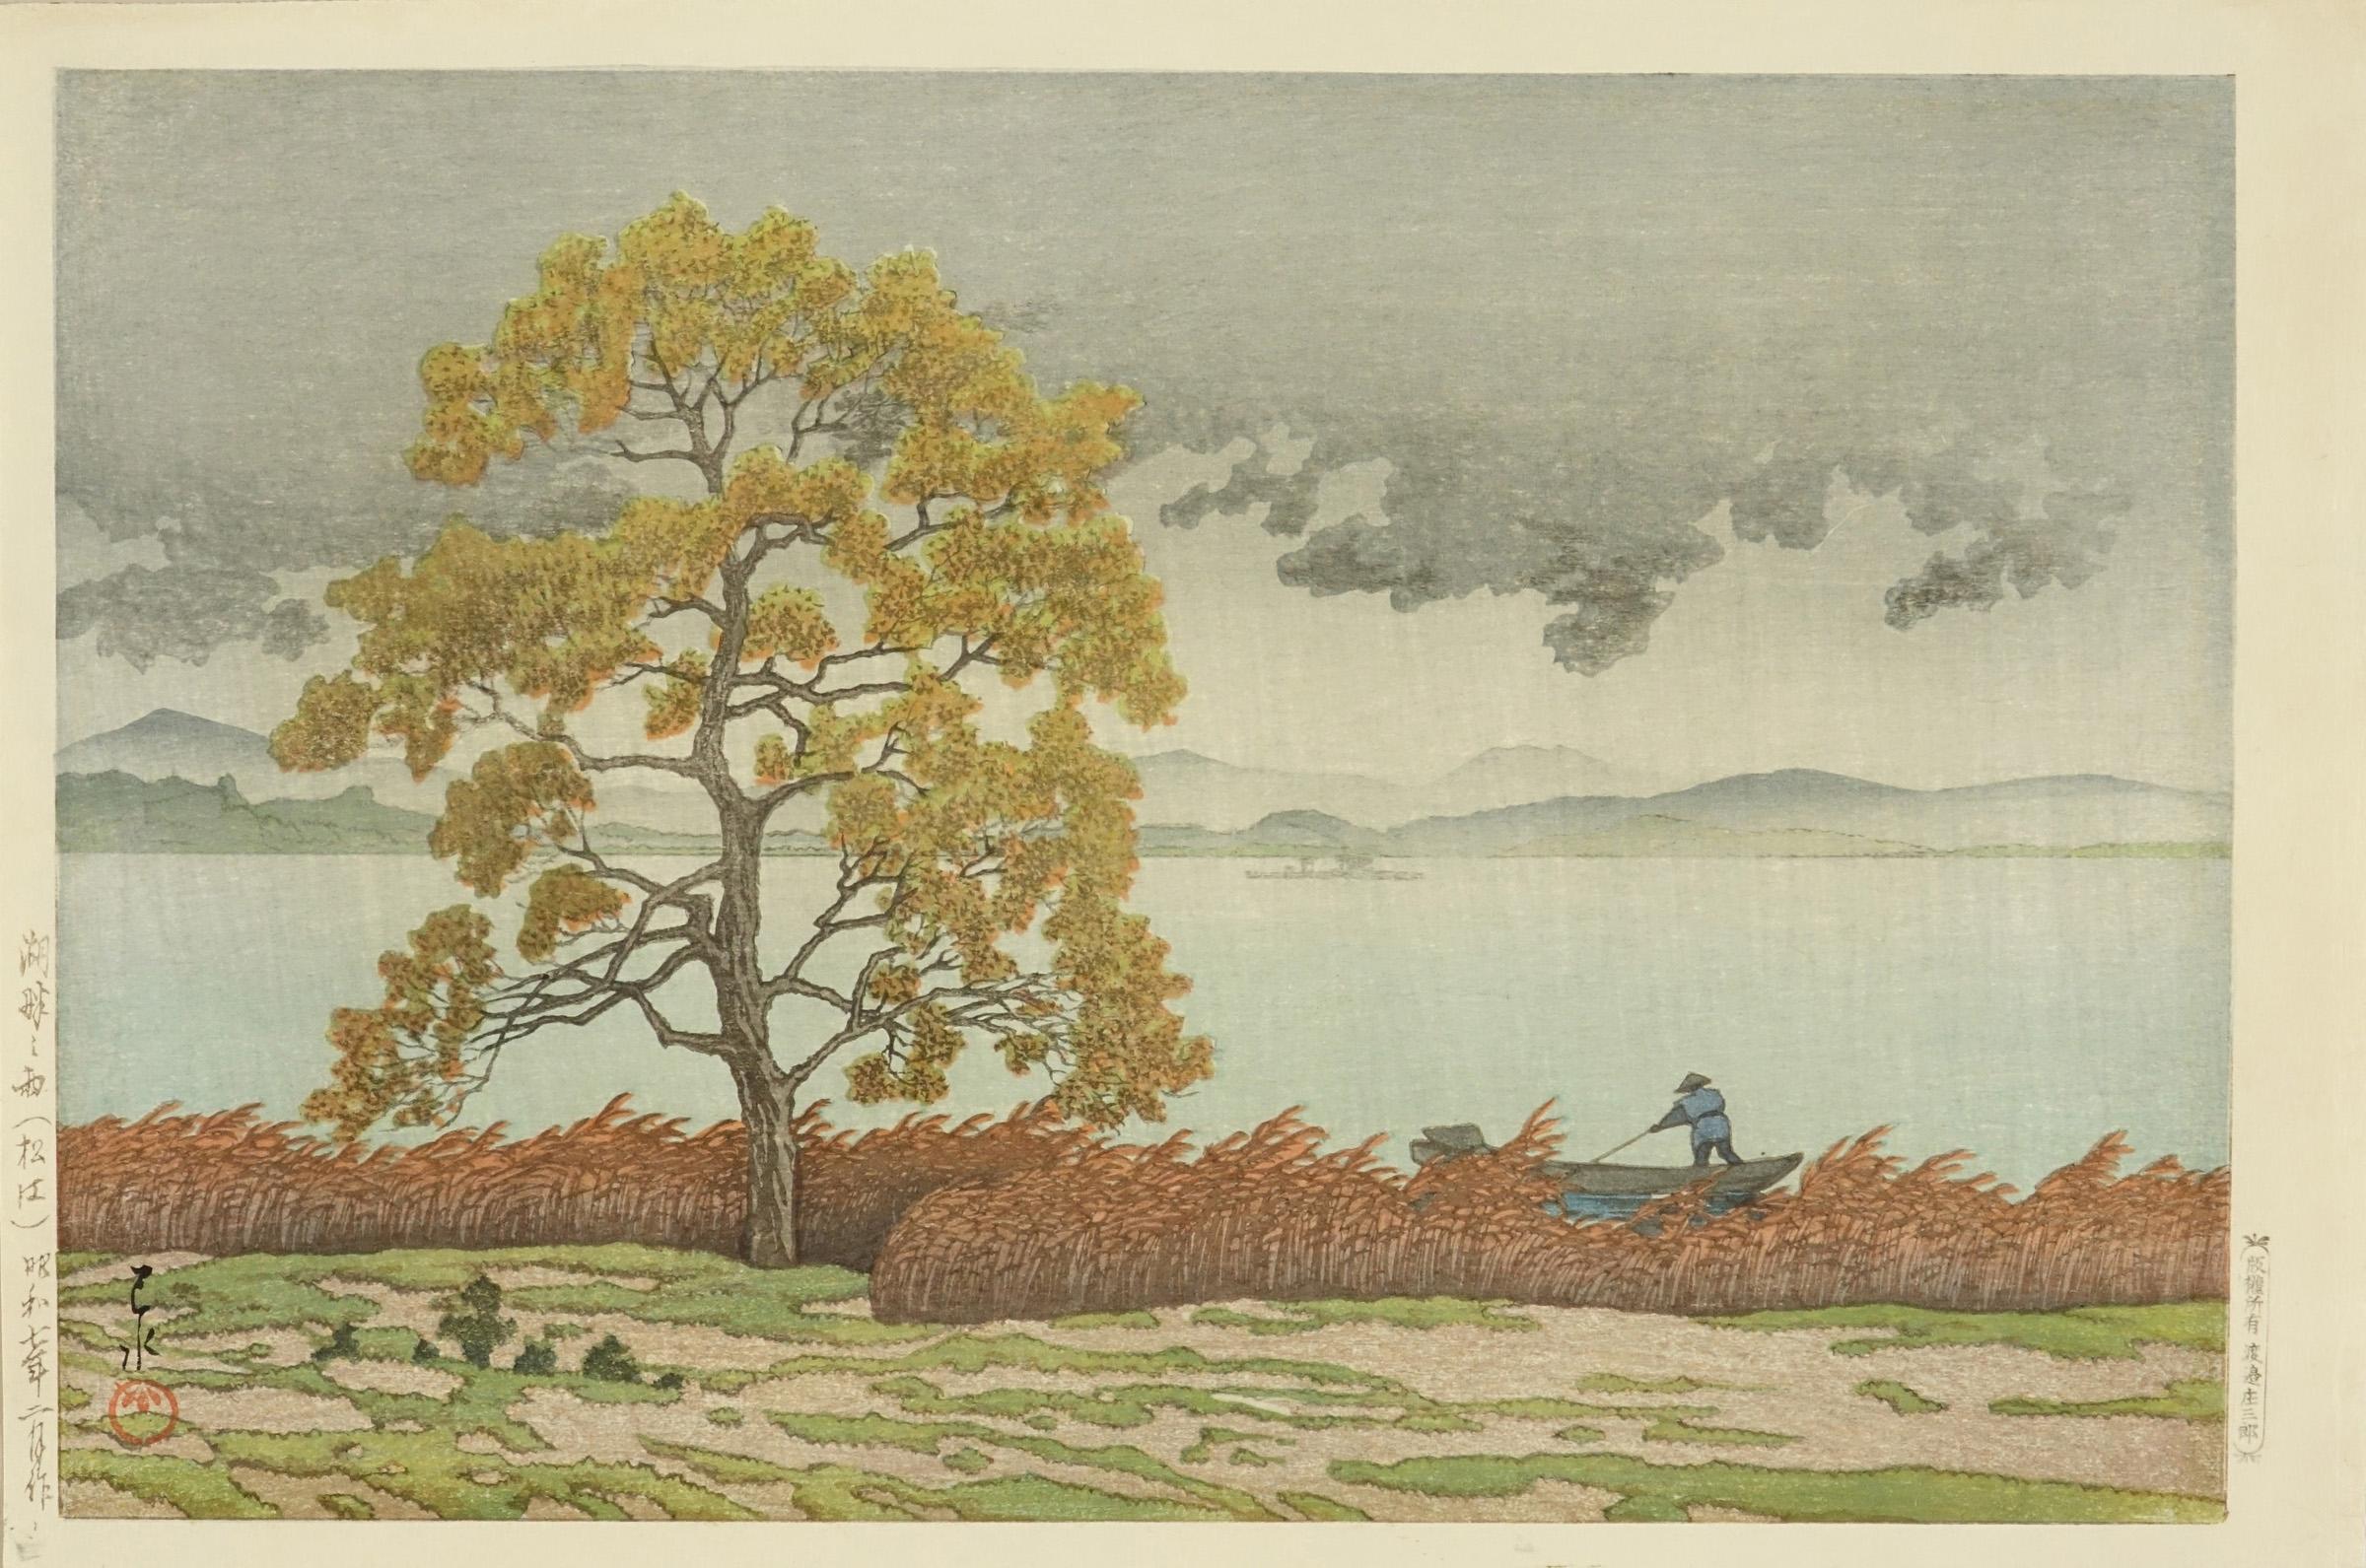 KAWASE HASUI <i>Kohan no ame, Matsue</i> (Rain on a lakeside in Matsue)